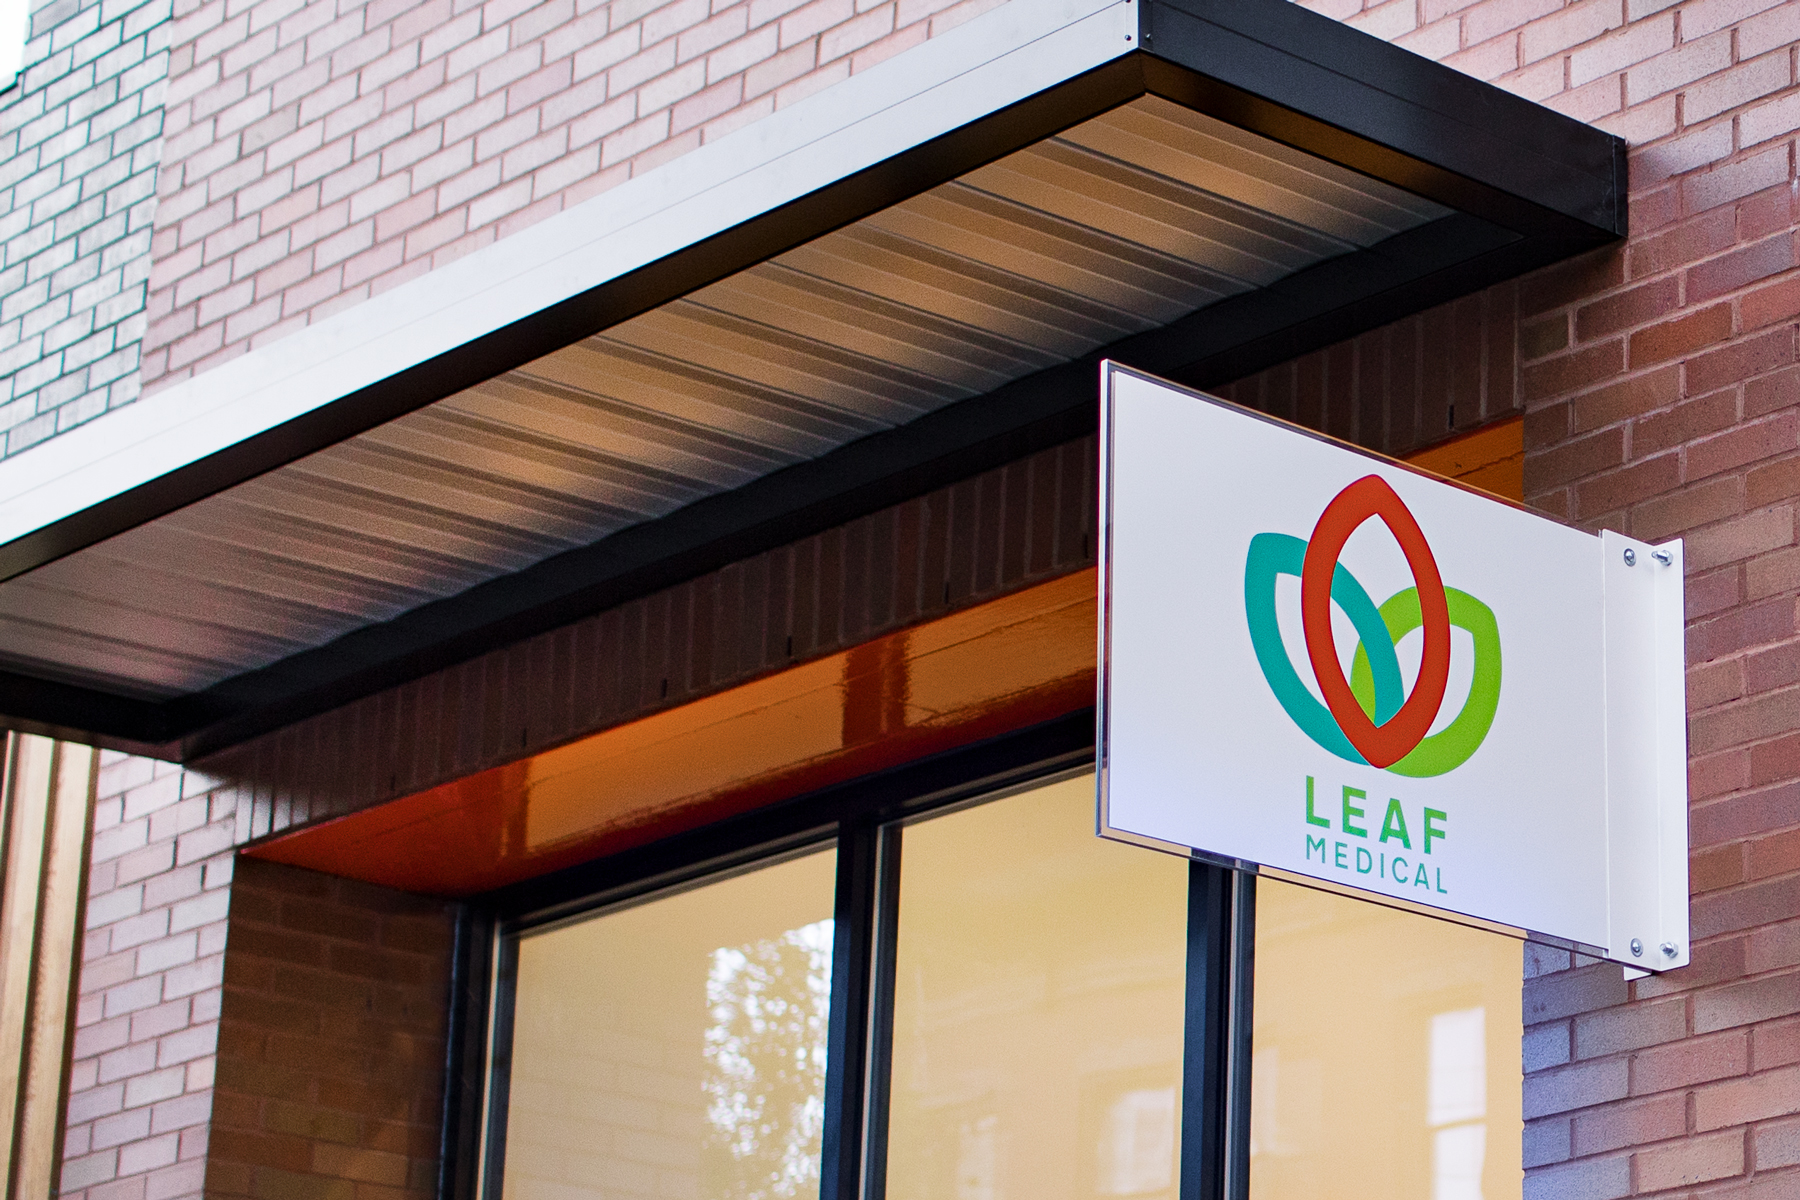 Leaf-Medical-LIC--3.jpg